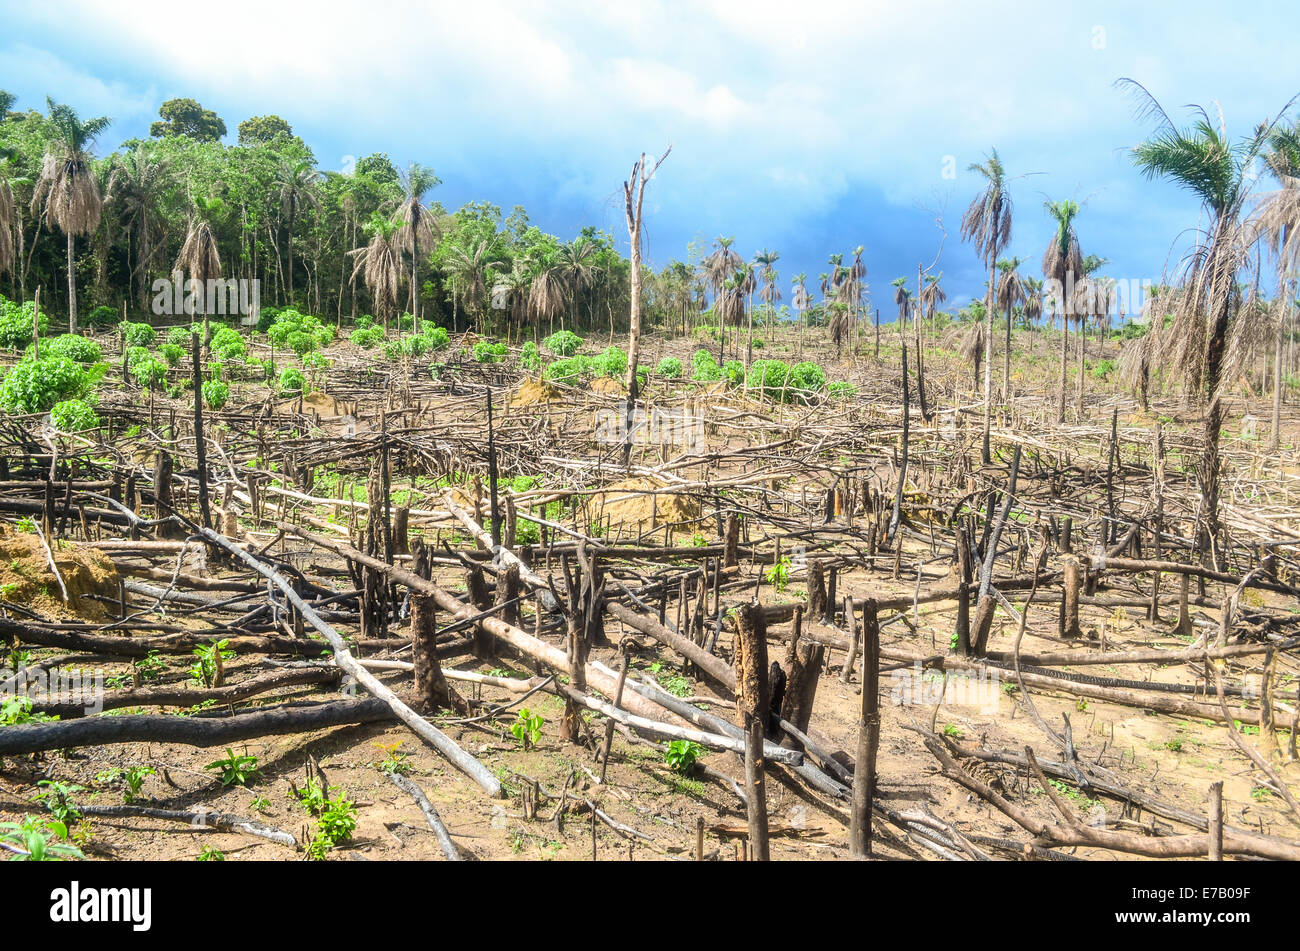 La déforestation en Afrique, l'exploitation forestière de bois massif en Sierra Leone Photo Stock